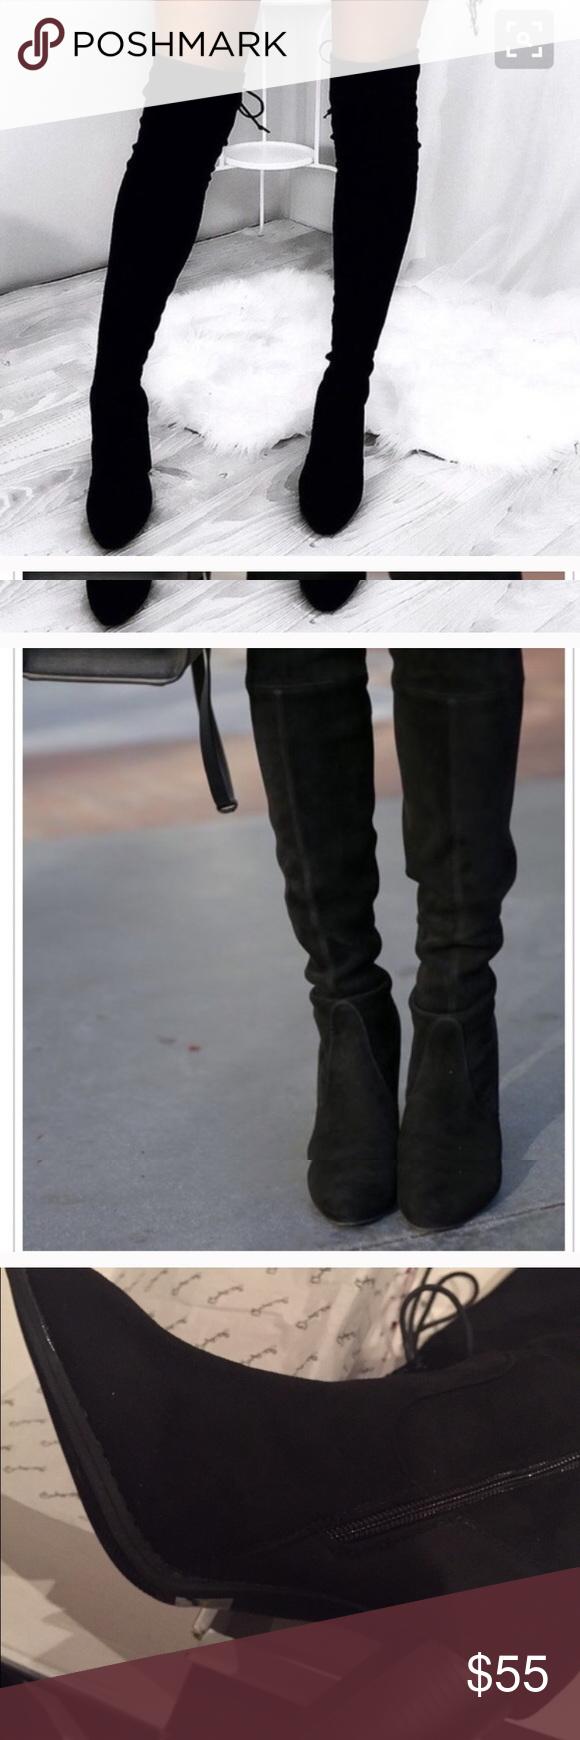 97d1495b782 Over the knee faux suede black lacks up boots Boutique